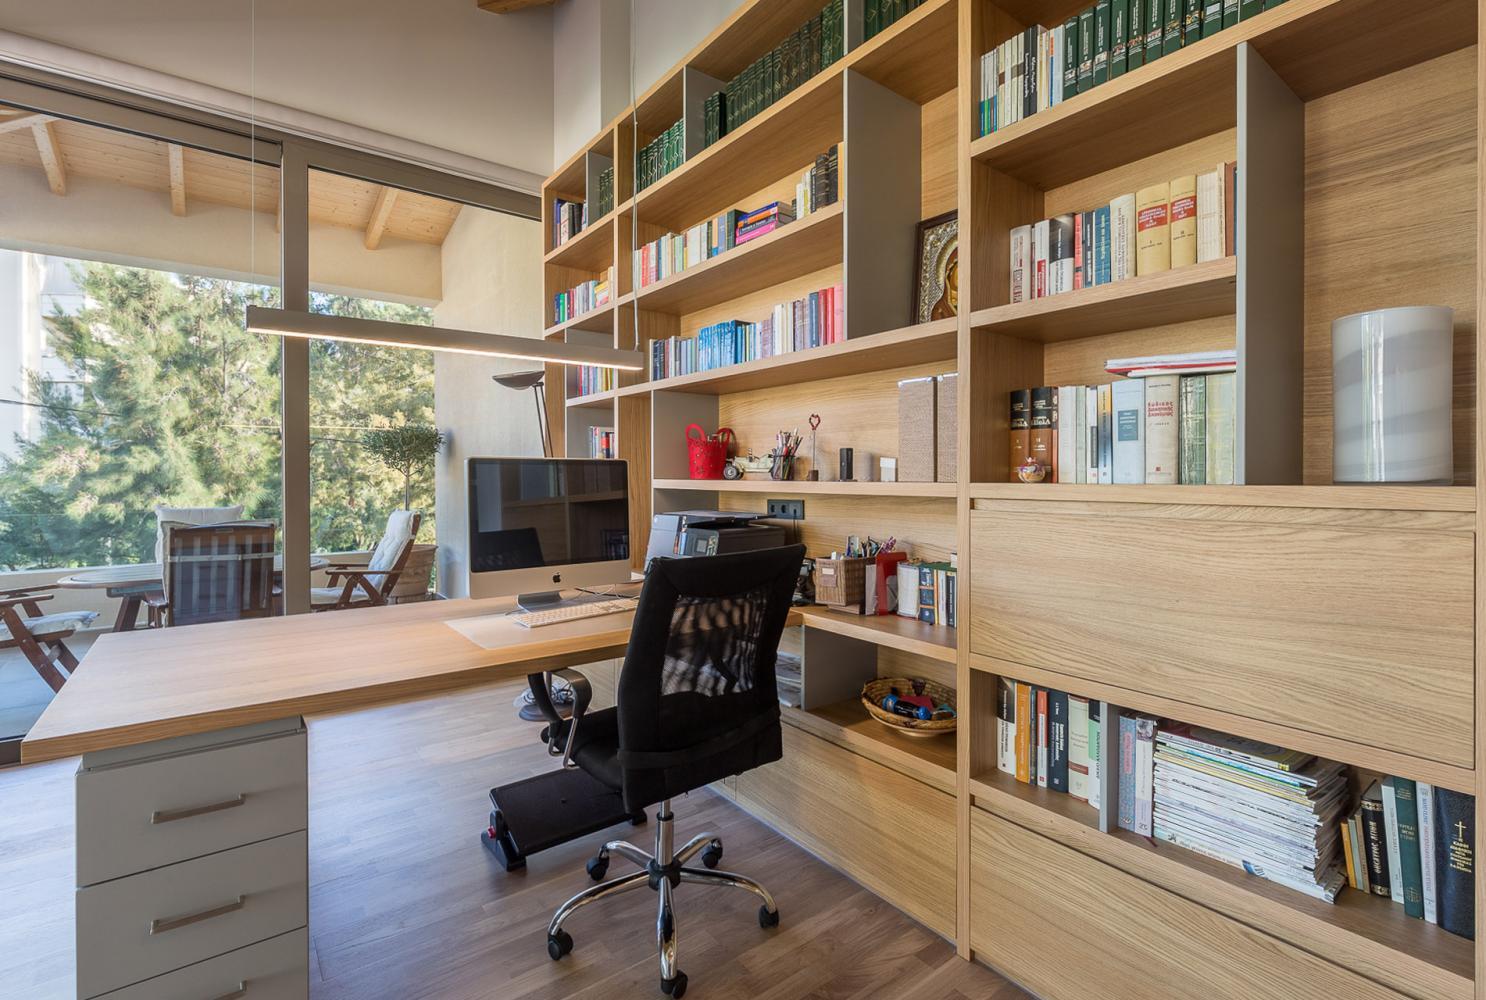 Ιδιωτική Κατοικία Νέο Ψυχικό - Image 4